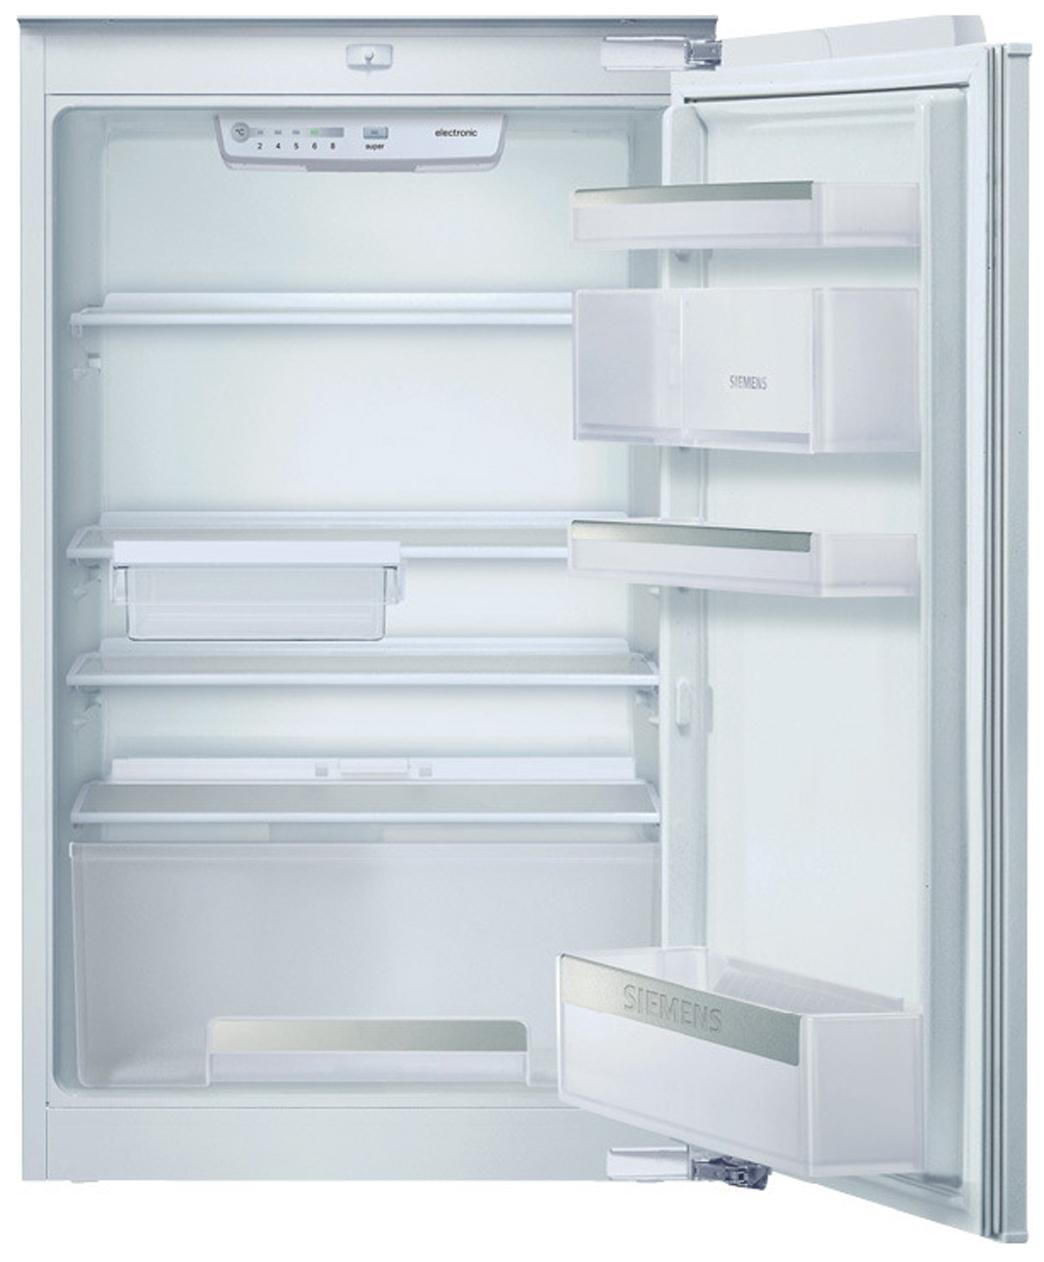 empty-fridge